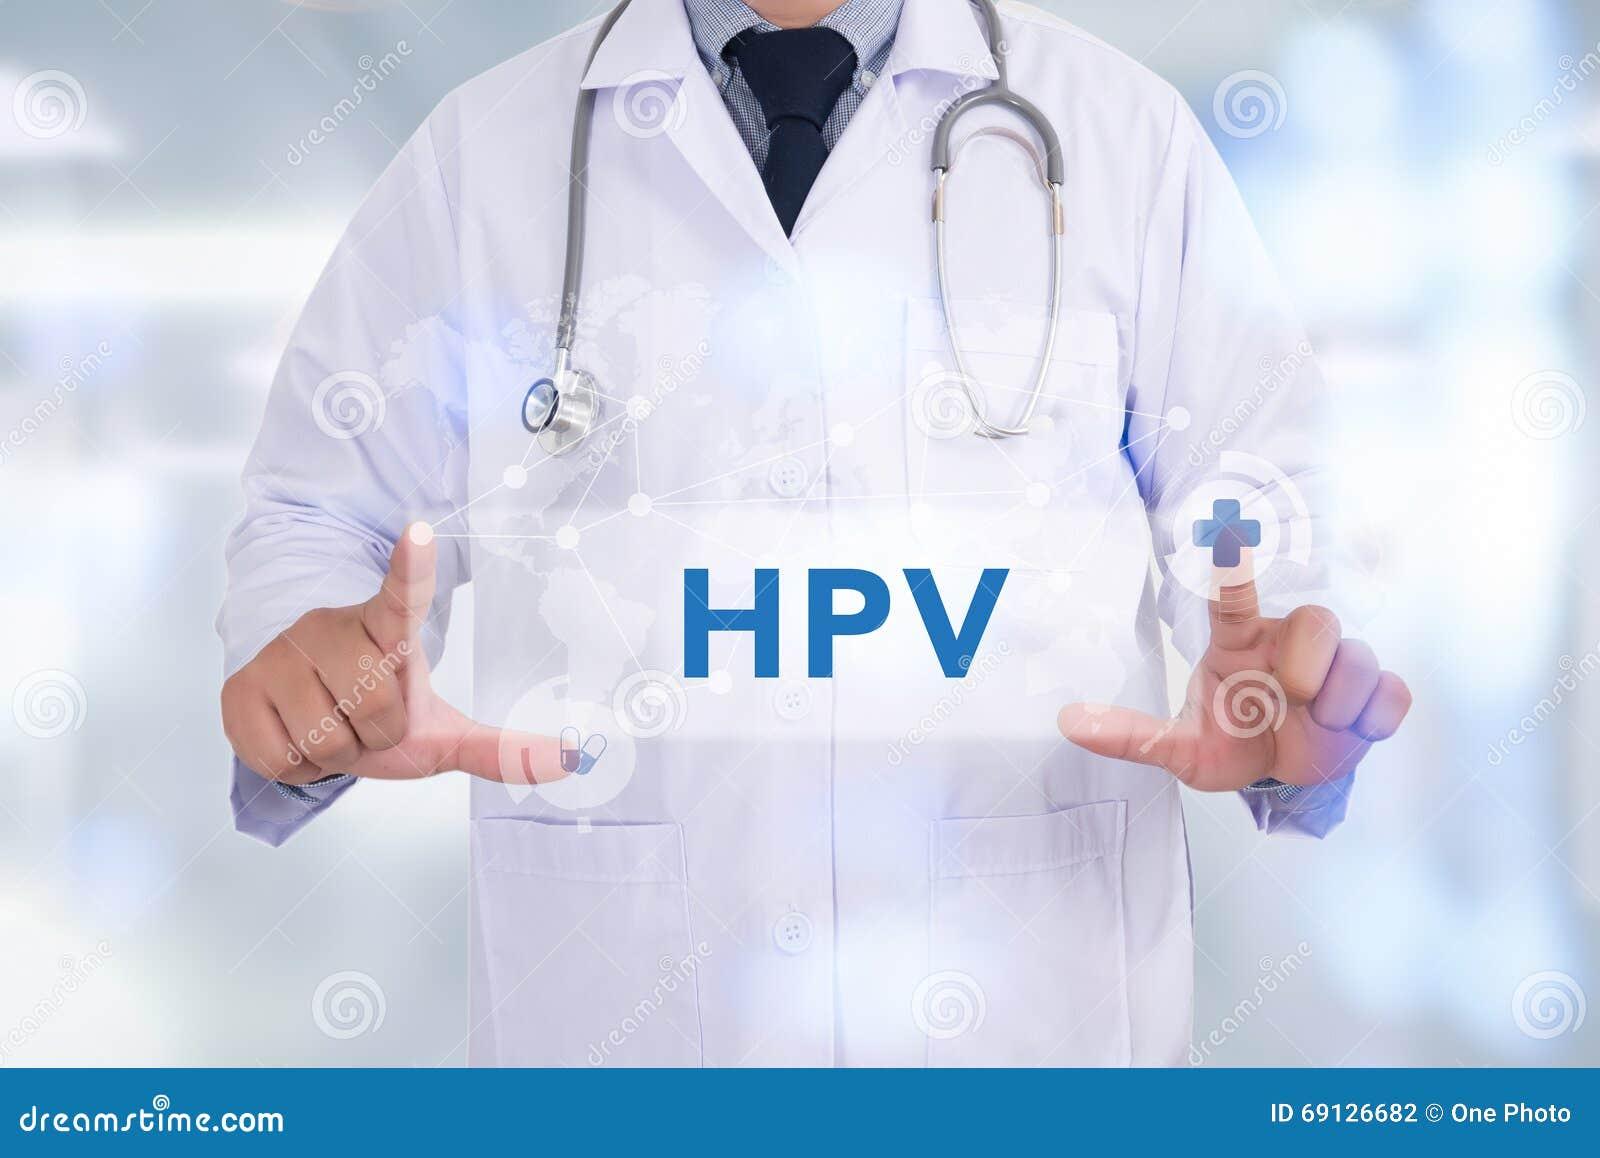 CONCEITO DE HPV